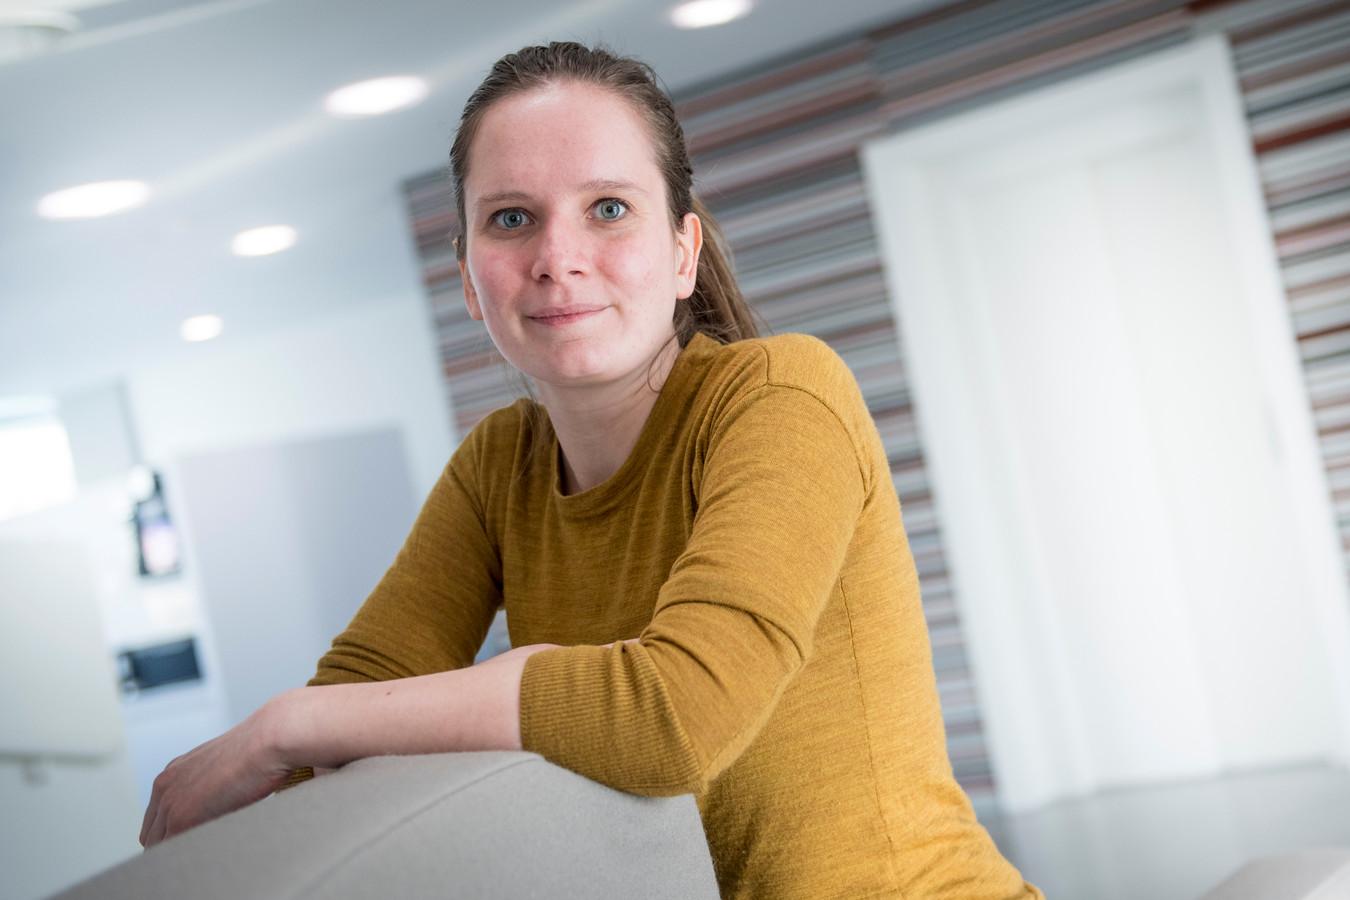 """Hilde Hamer vindt het een goed idee dat IT-bedrijven collegegeld van studenten vergoeden als die bij hen komen werken. """"Dit gaat vast helpen.''"""